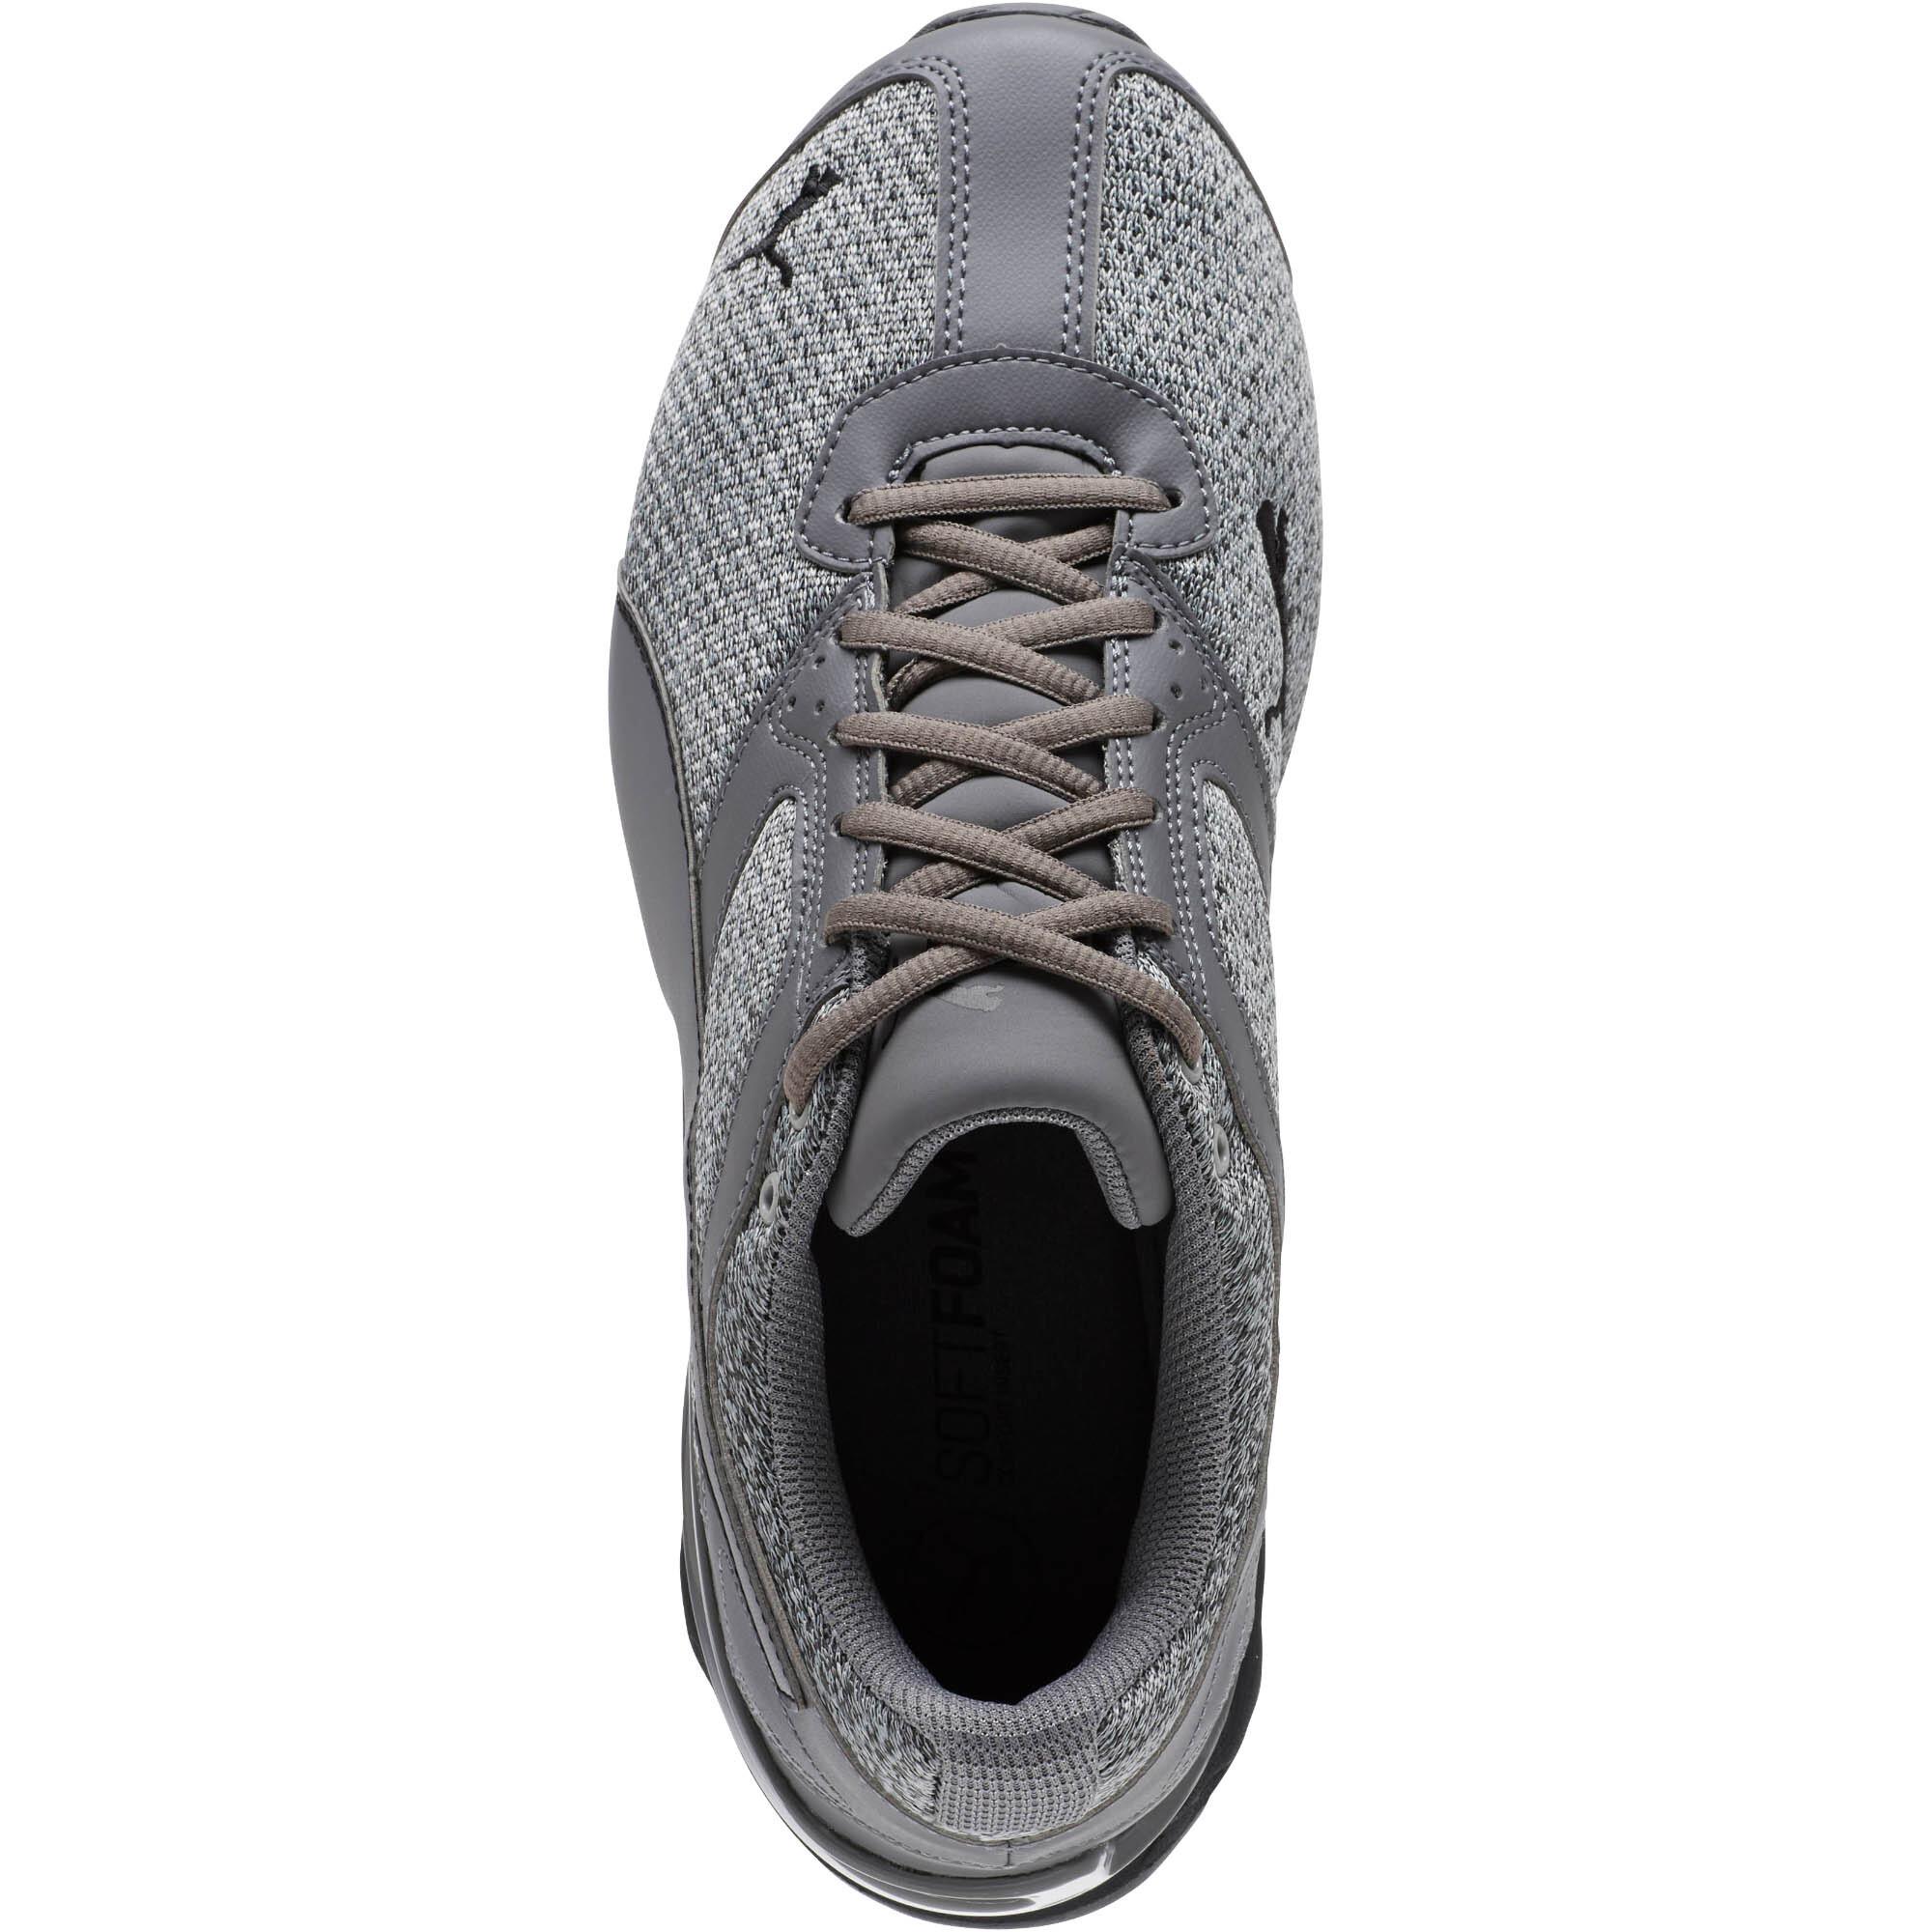 Puma-Tazon-6-Lavorato-a-Maglia-Uomo-Scarpe-da-ginnastica-Uomo-scarpa-in-esecuzione miniatura 11